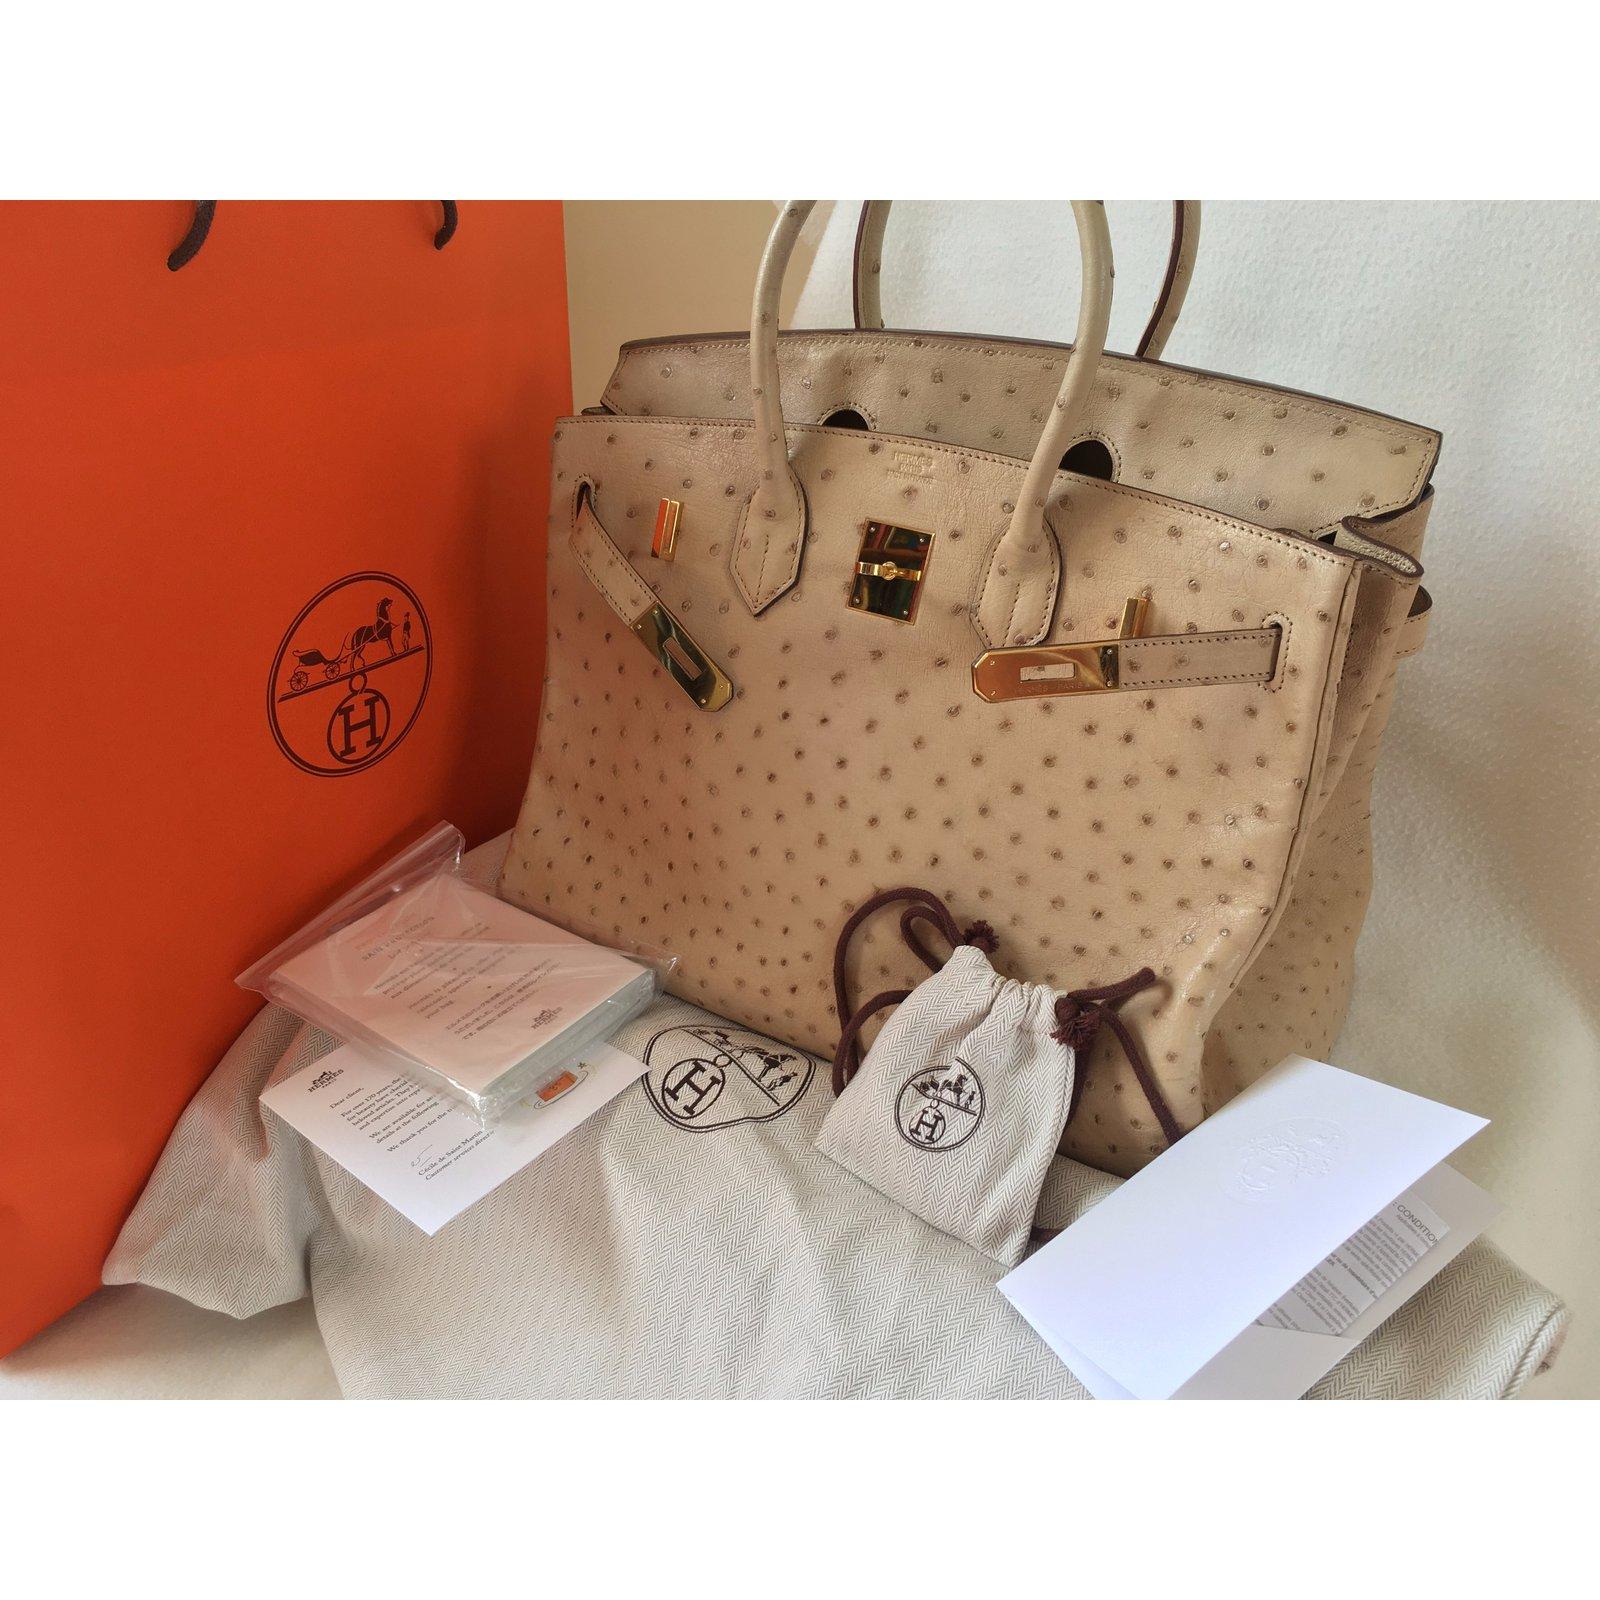 aaf5d341da07 Facebook · Pin This. Hermès Birkin 35 Ostrich Parchemin Gold hardware ...